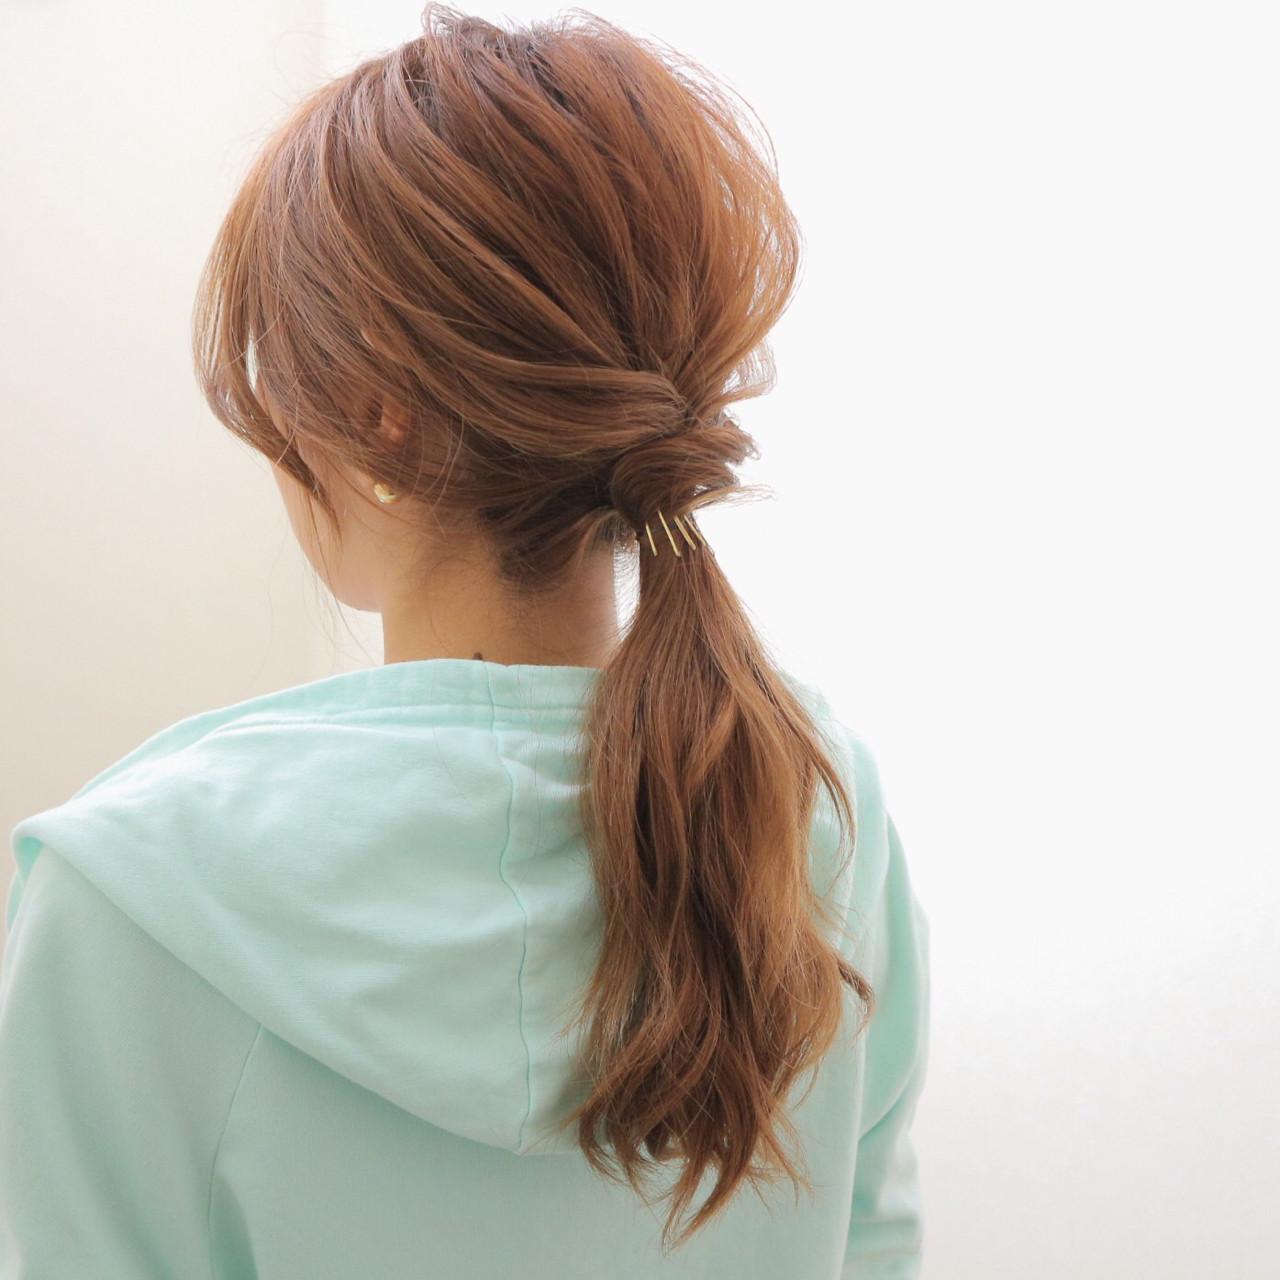 ローポニーテール ヘアアレンジ ロング 簡単ヘアスタイルや髪型の写真・画像